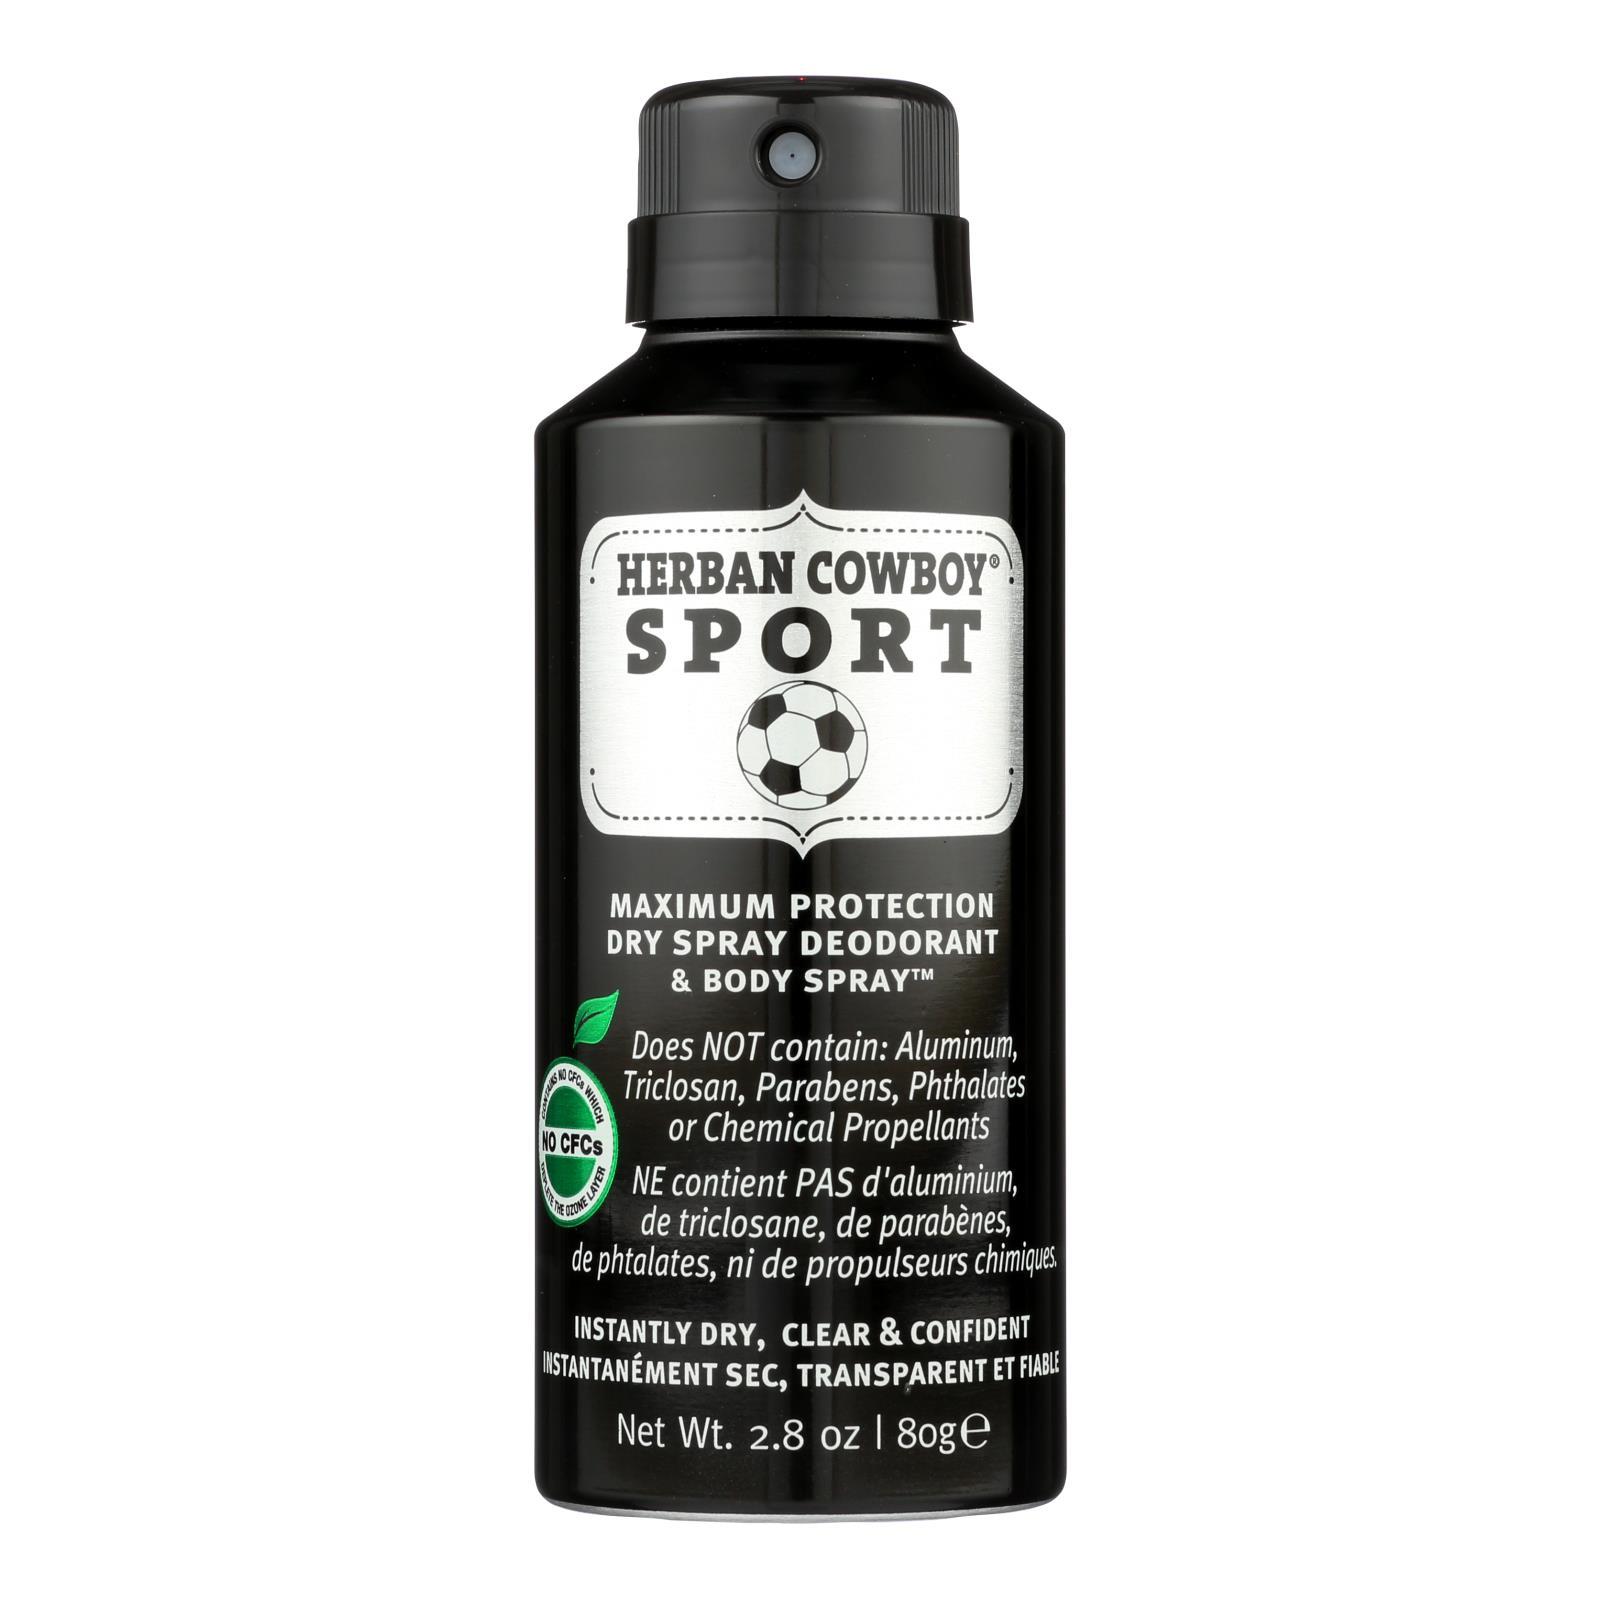 Herban Cowboy - Spray Dry Sport - 1 Each - 2.8 OZ